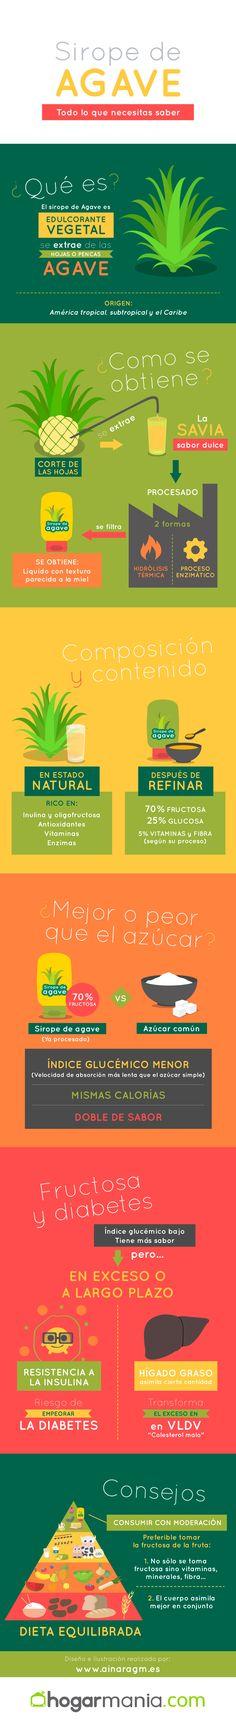 #Infografia realizada para @hogarmania #agave #infografia #consejos via @ainaragm